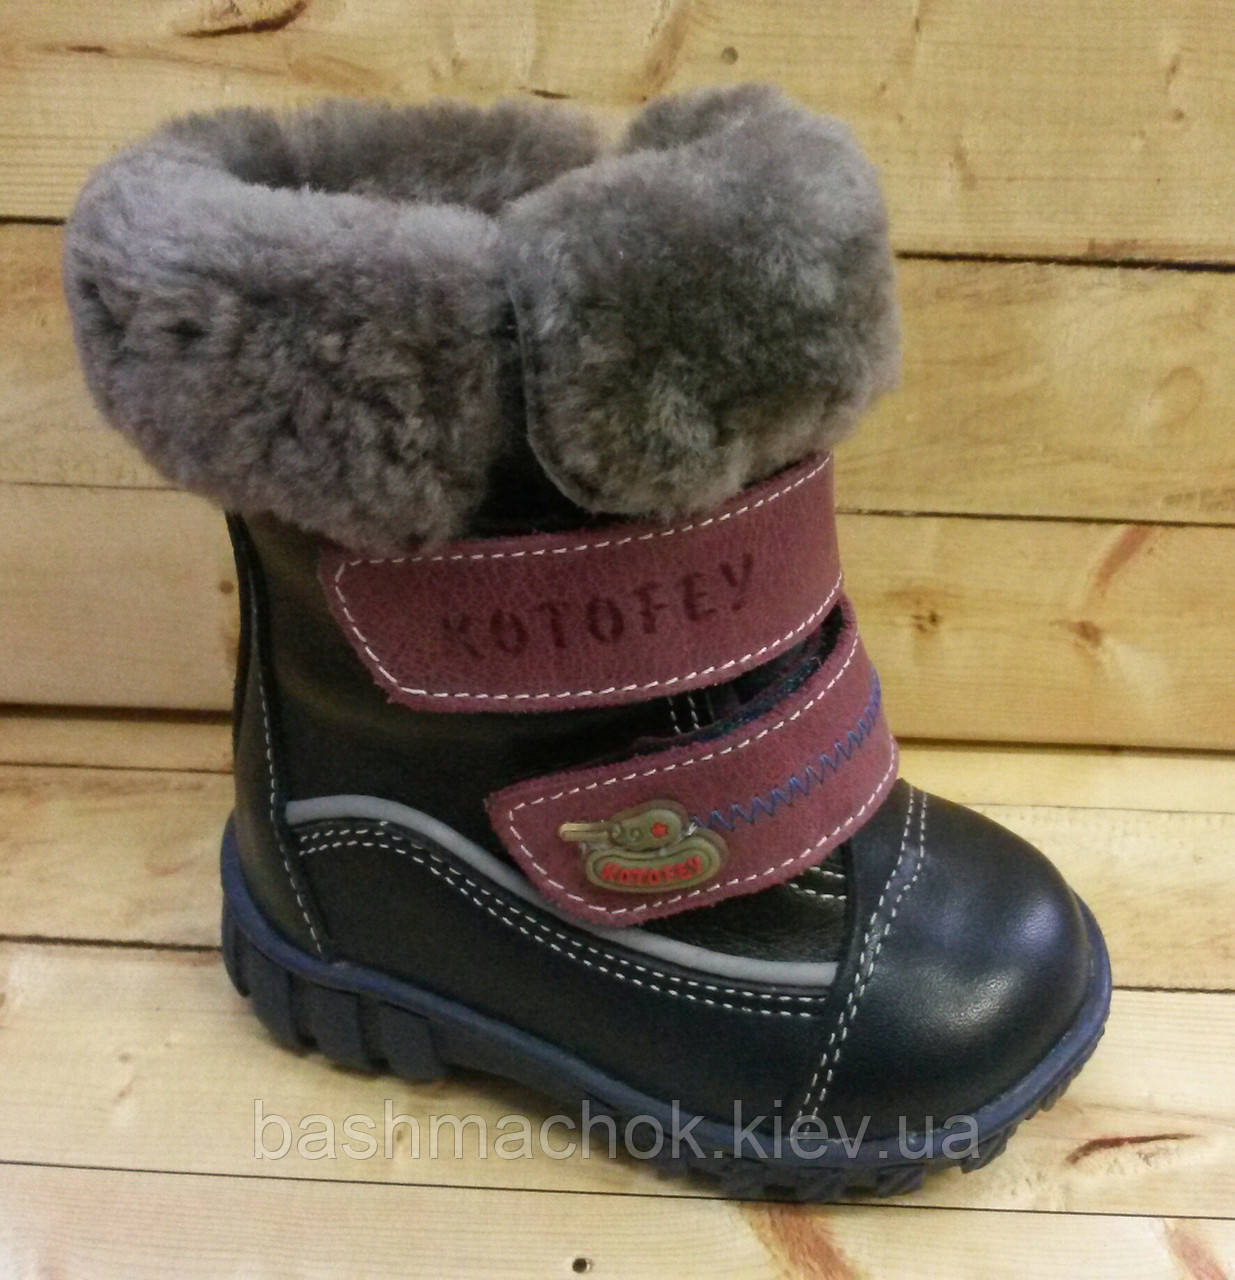 76b087996 Детские кожаные зимние ботинки Котофей размер 19.20 - Интернет-магазин  детской обуви